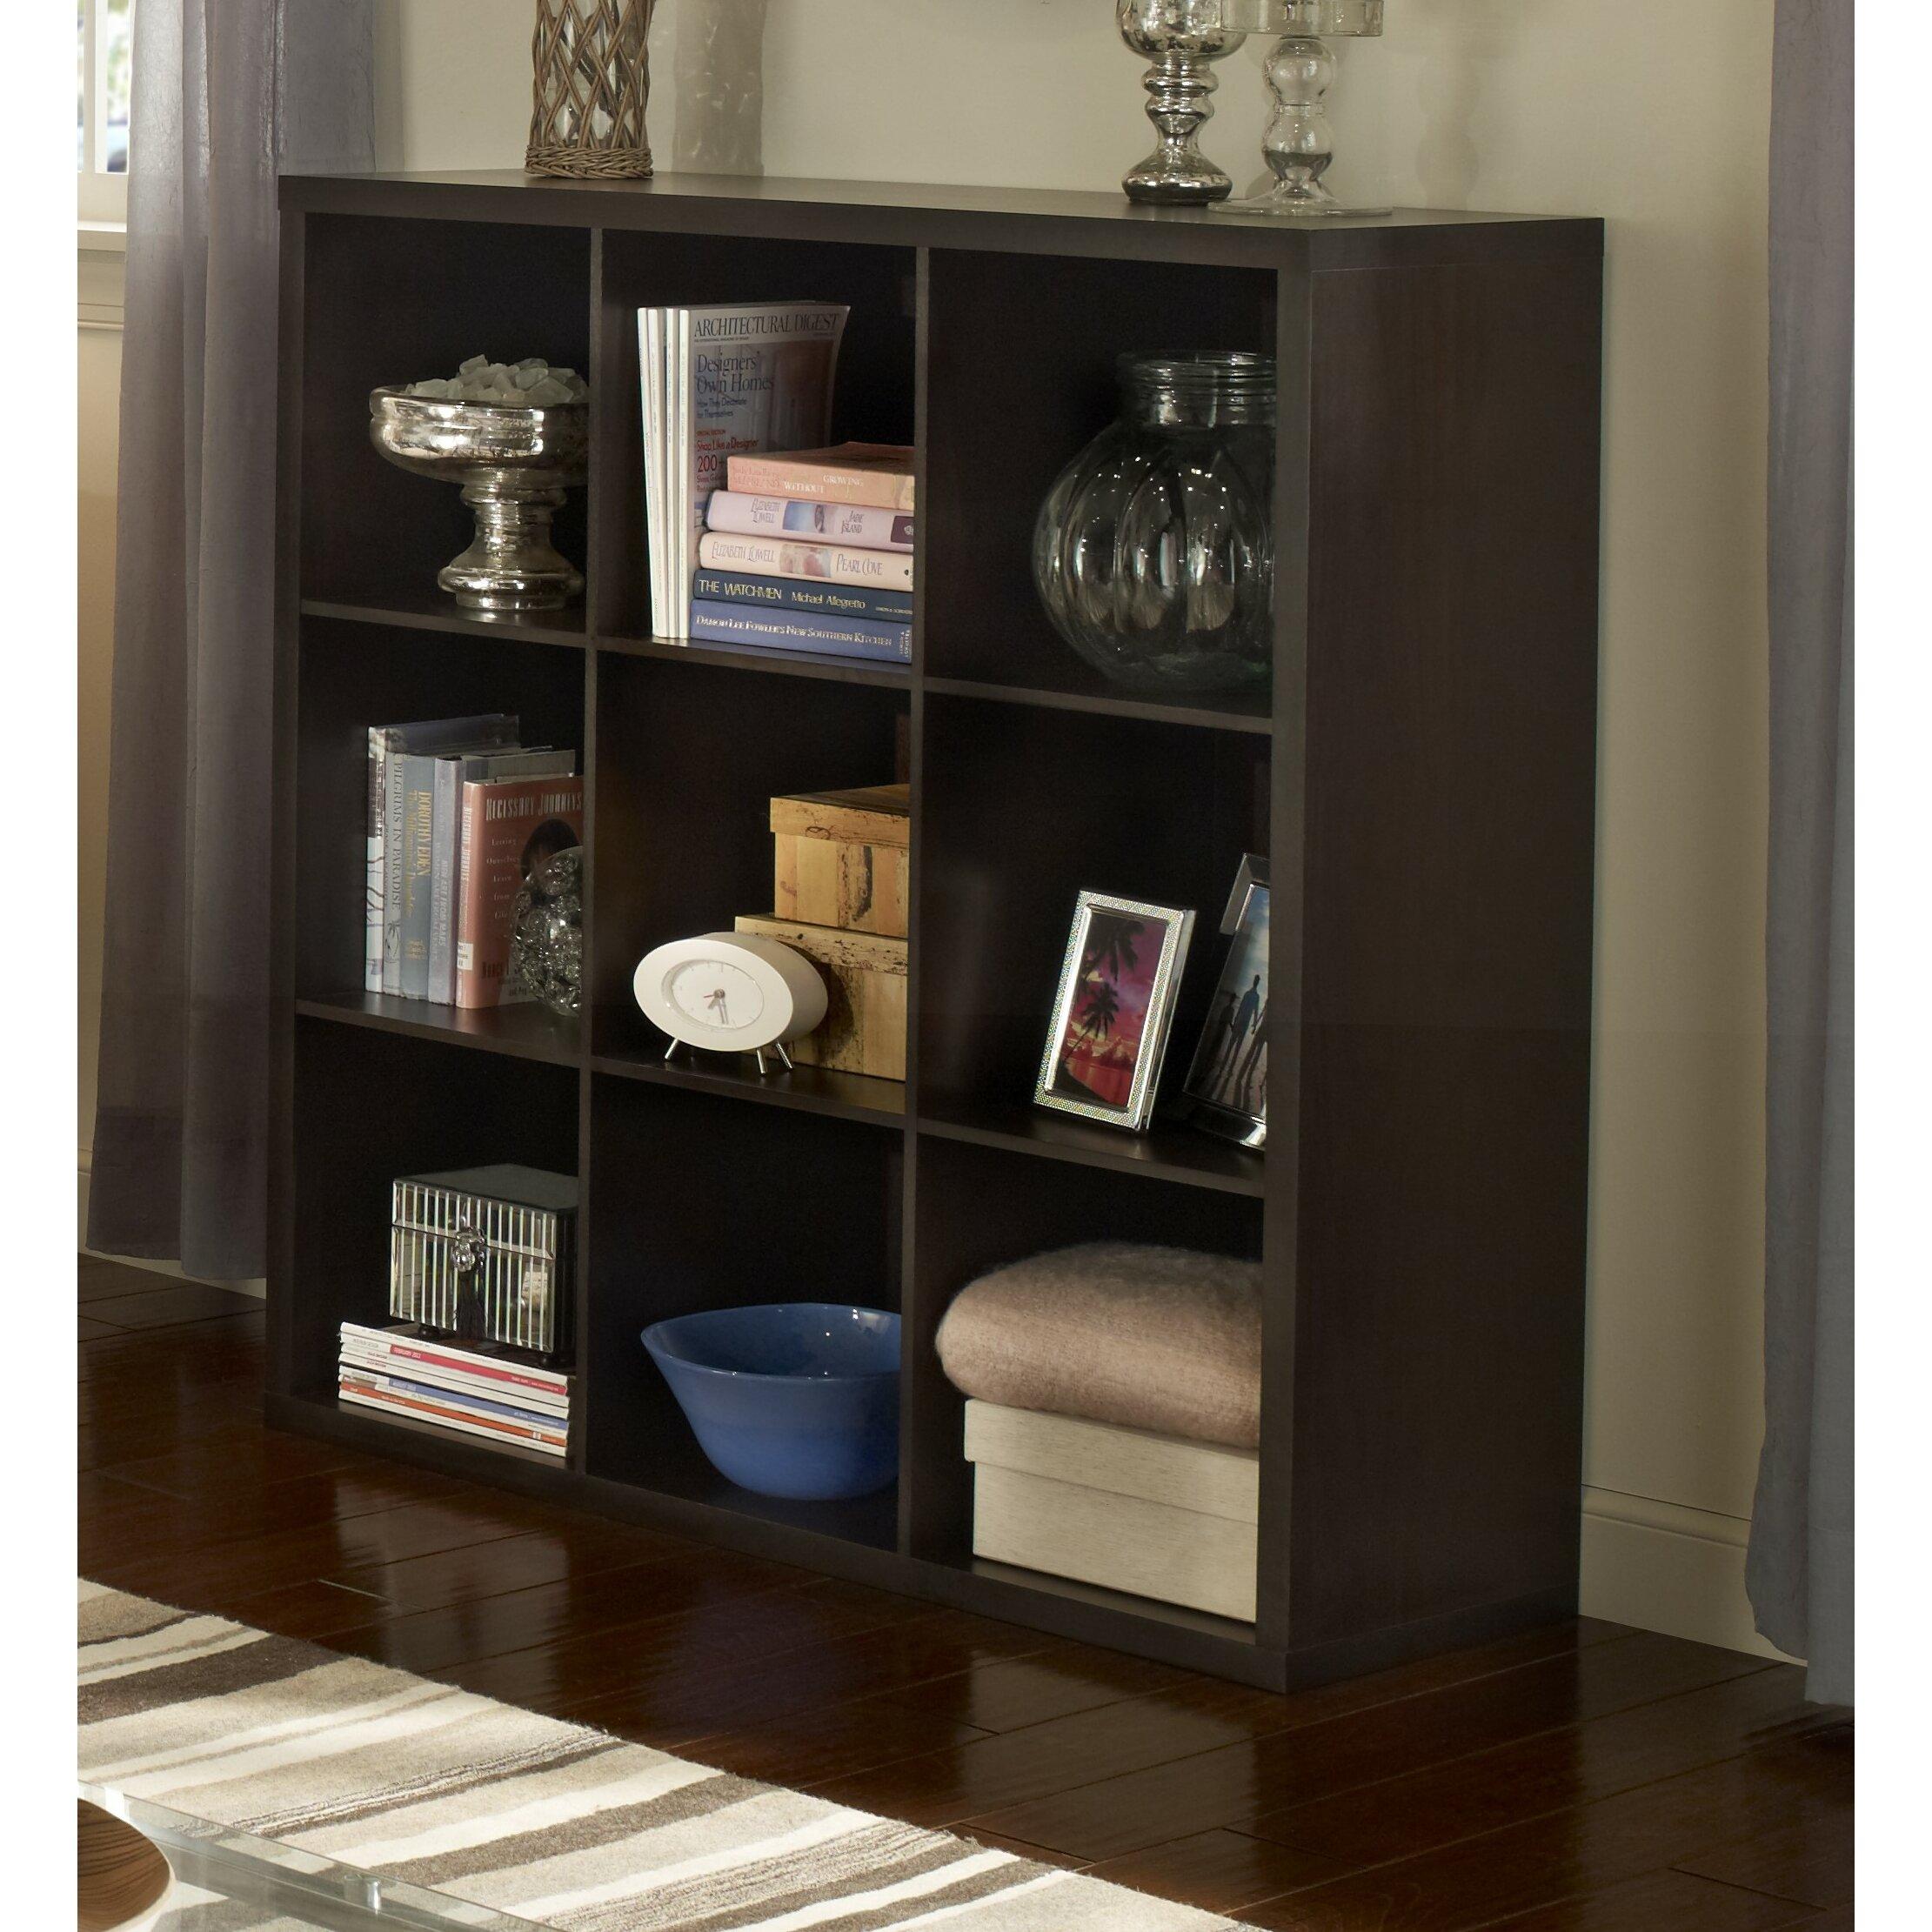 Superb ... Decorative Storage Units Closetmaid Decorative Storage 43 Quot Cube  Unit Bookcase Reviews Wayfair ...